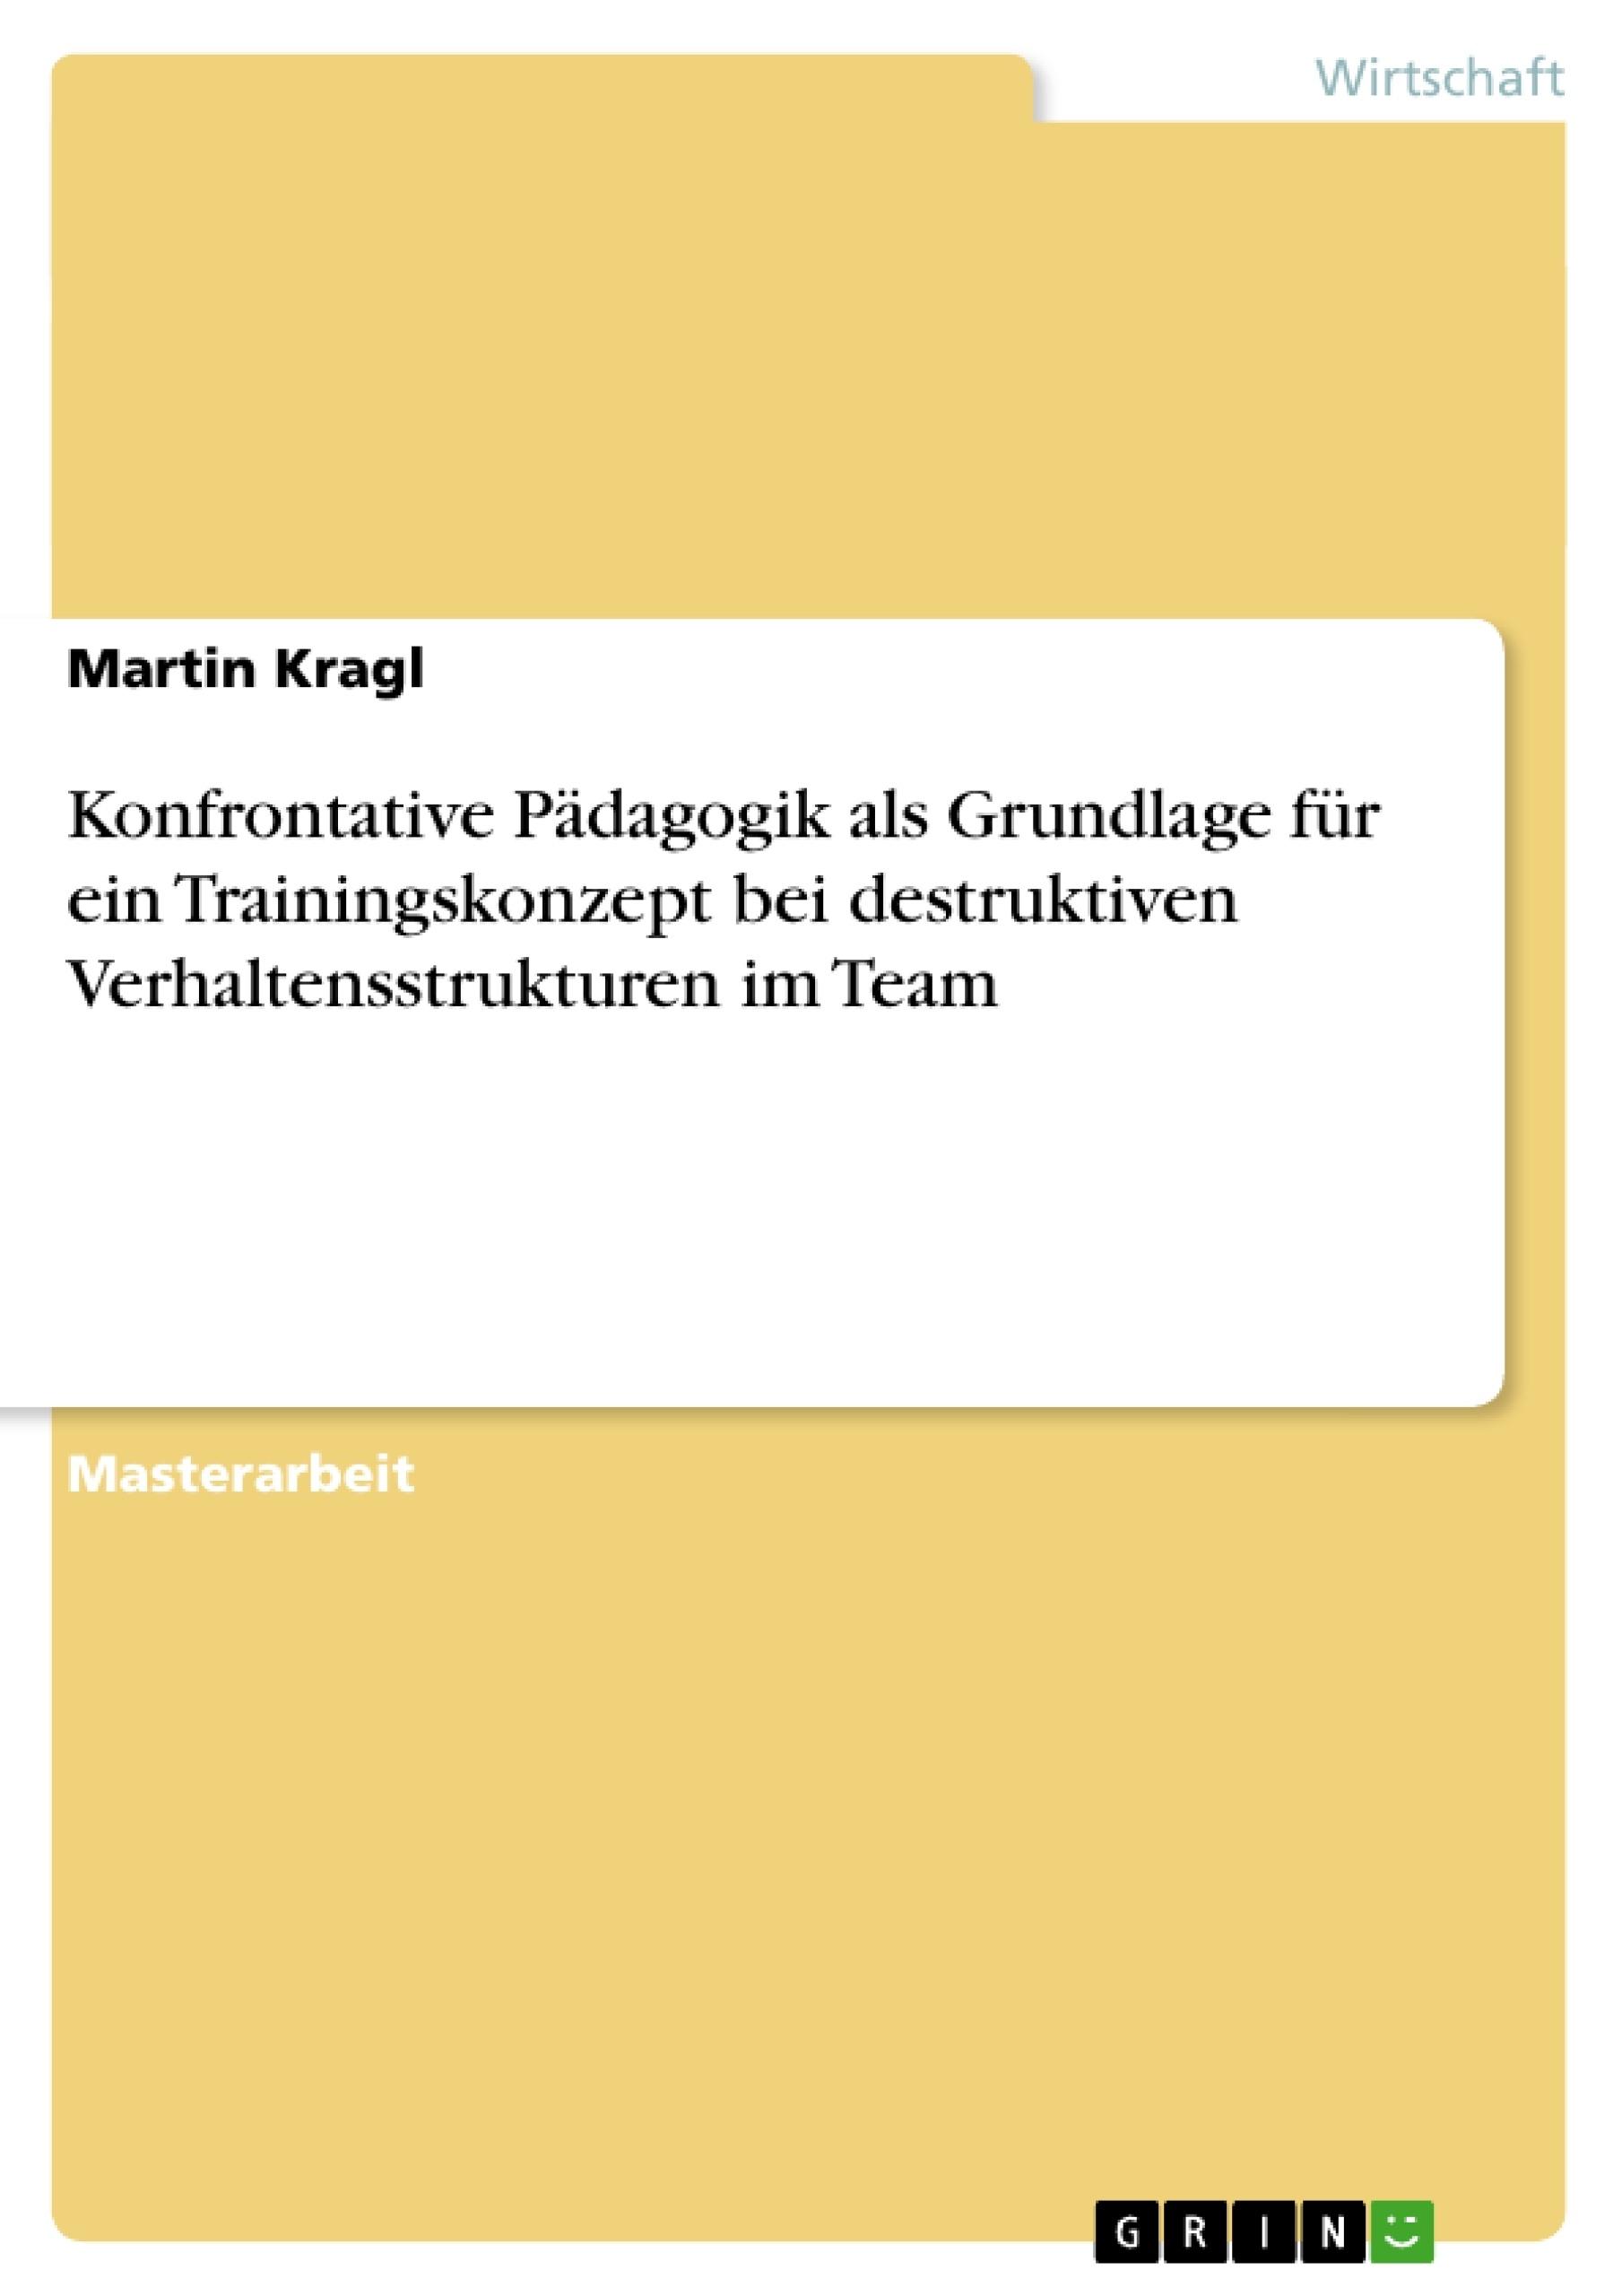 Titel: Konfrontative Pädagogik als Grundlage für ein Trainingskonzept bei destruktiven Verhaltensstrukturen im Team